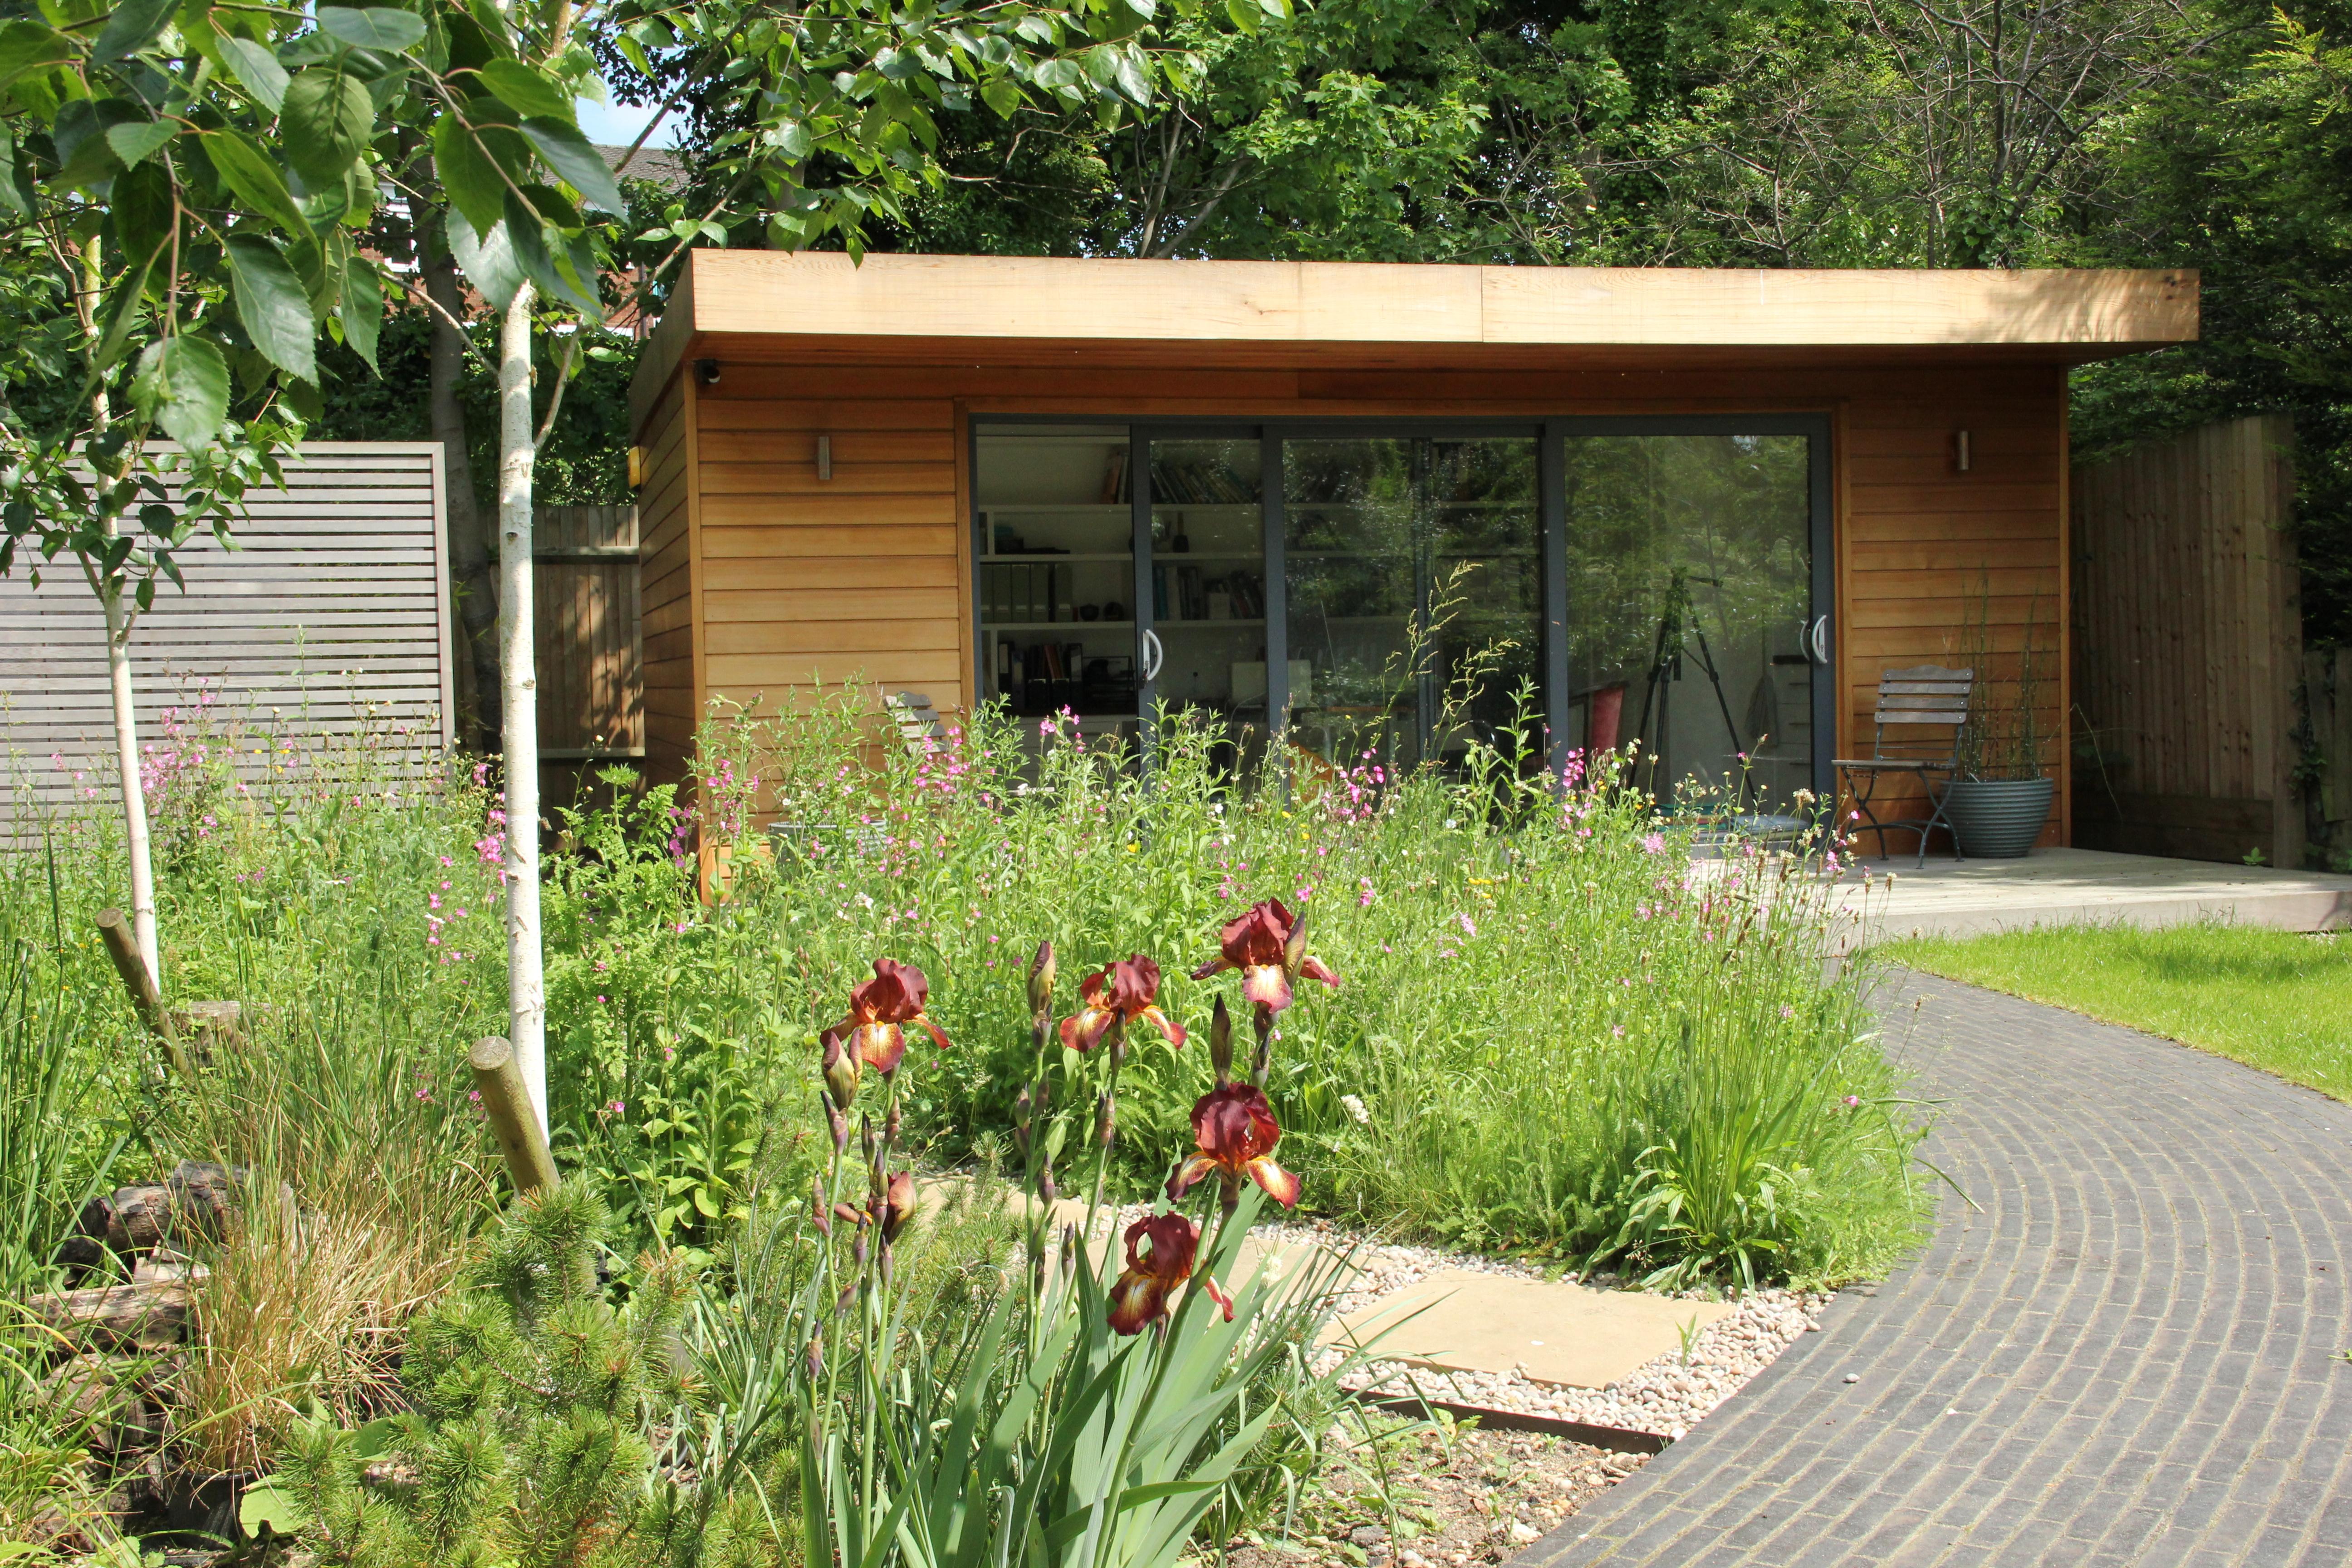 Hertfordshire garden office by Amanda Broughton Garden Design